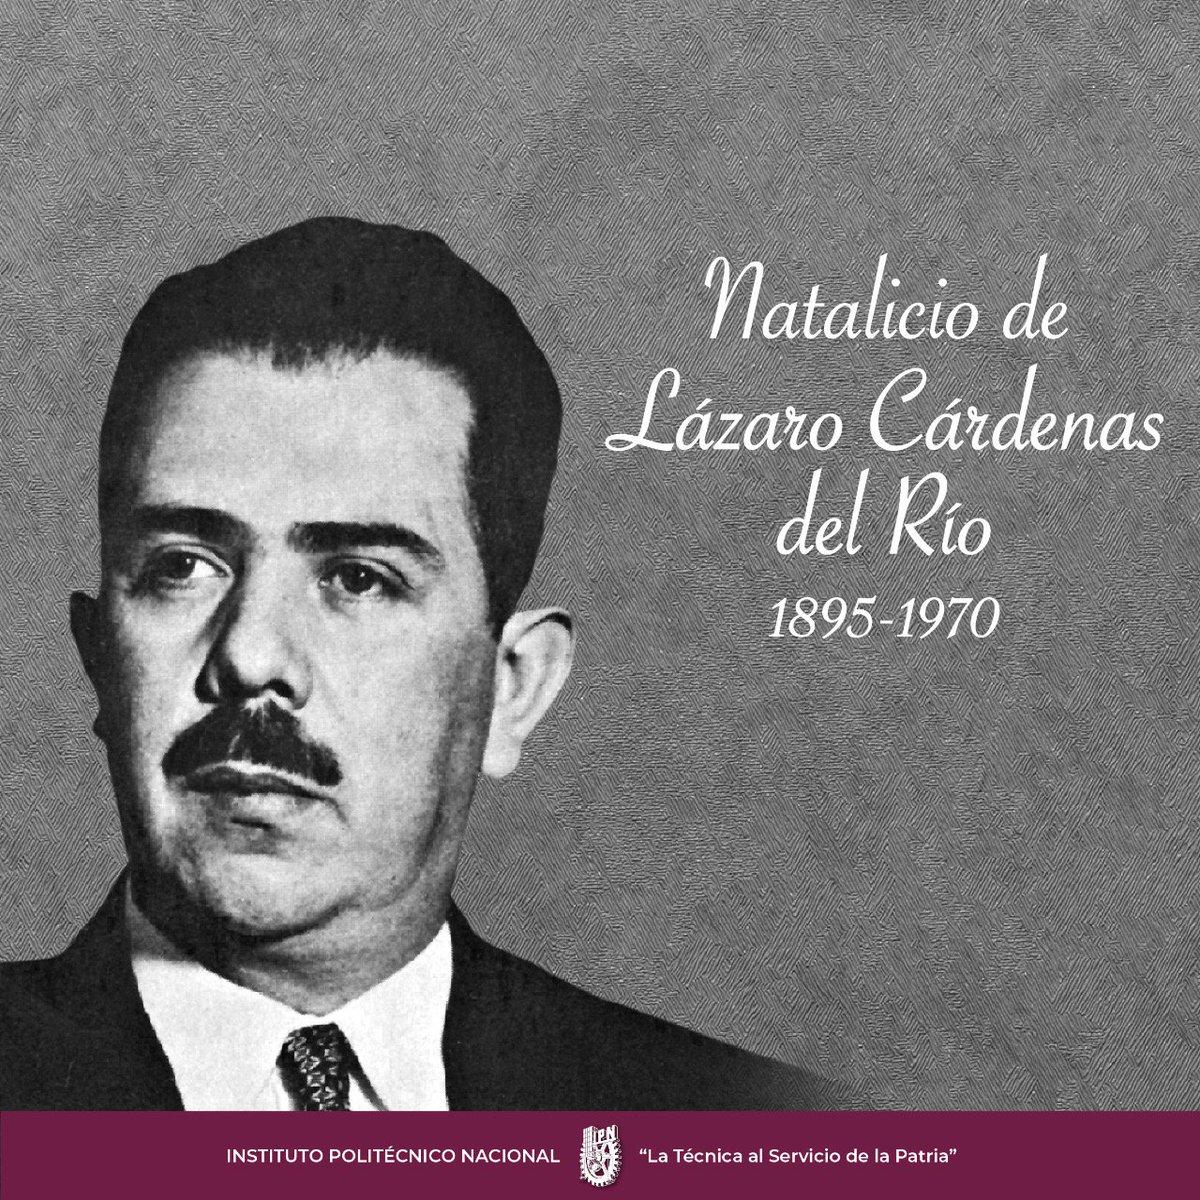 Hoy recordamos el natalicio del General Lázaro Cárdenas del Río, ilustre fundador del #IPN, en su honor el máximo reconocimiento Politécnico lleva su nombre. #DíaDelPolitécnico #OrgullosamentePolitécnicos